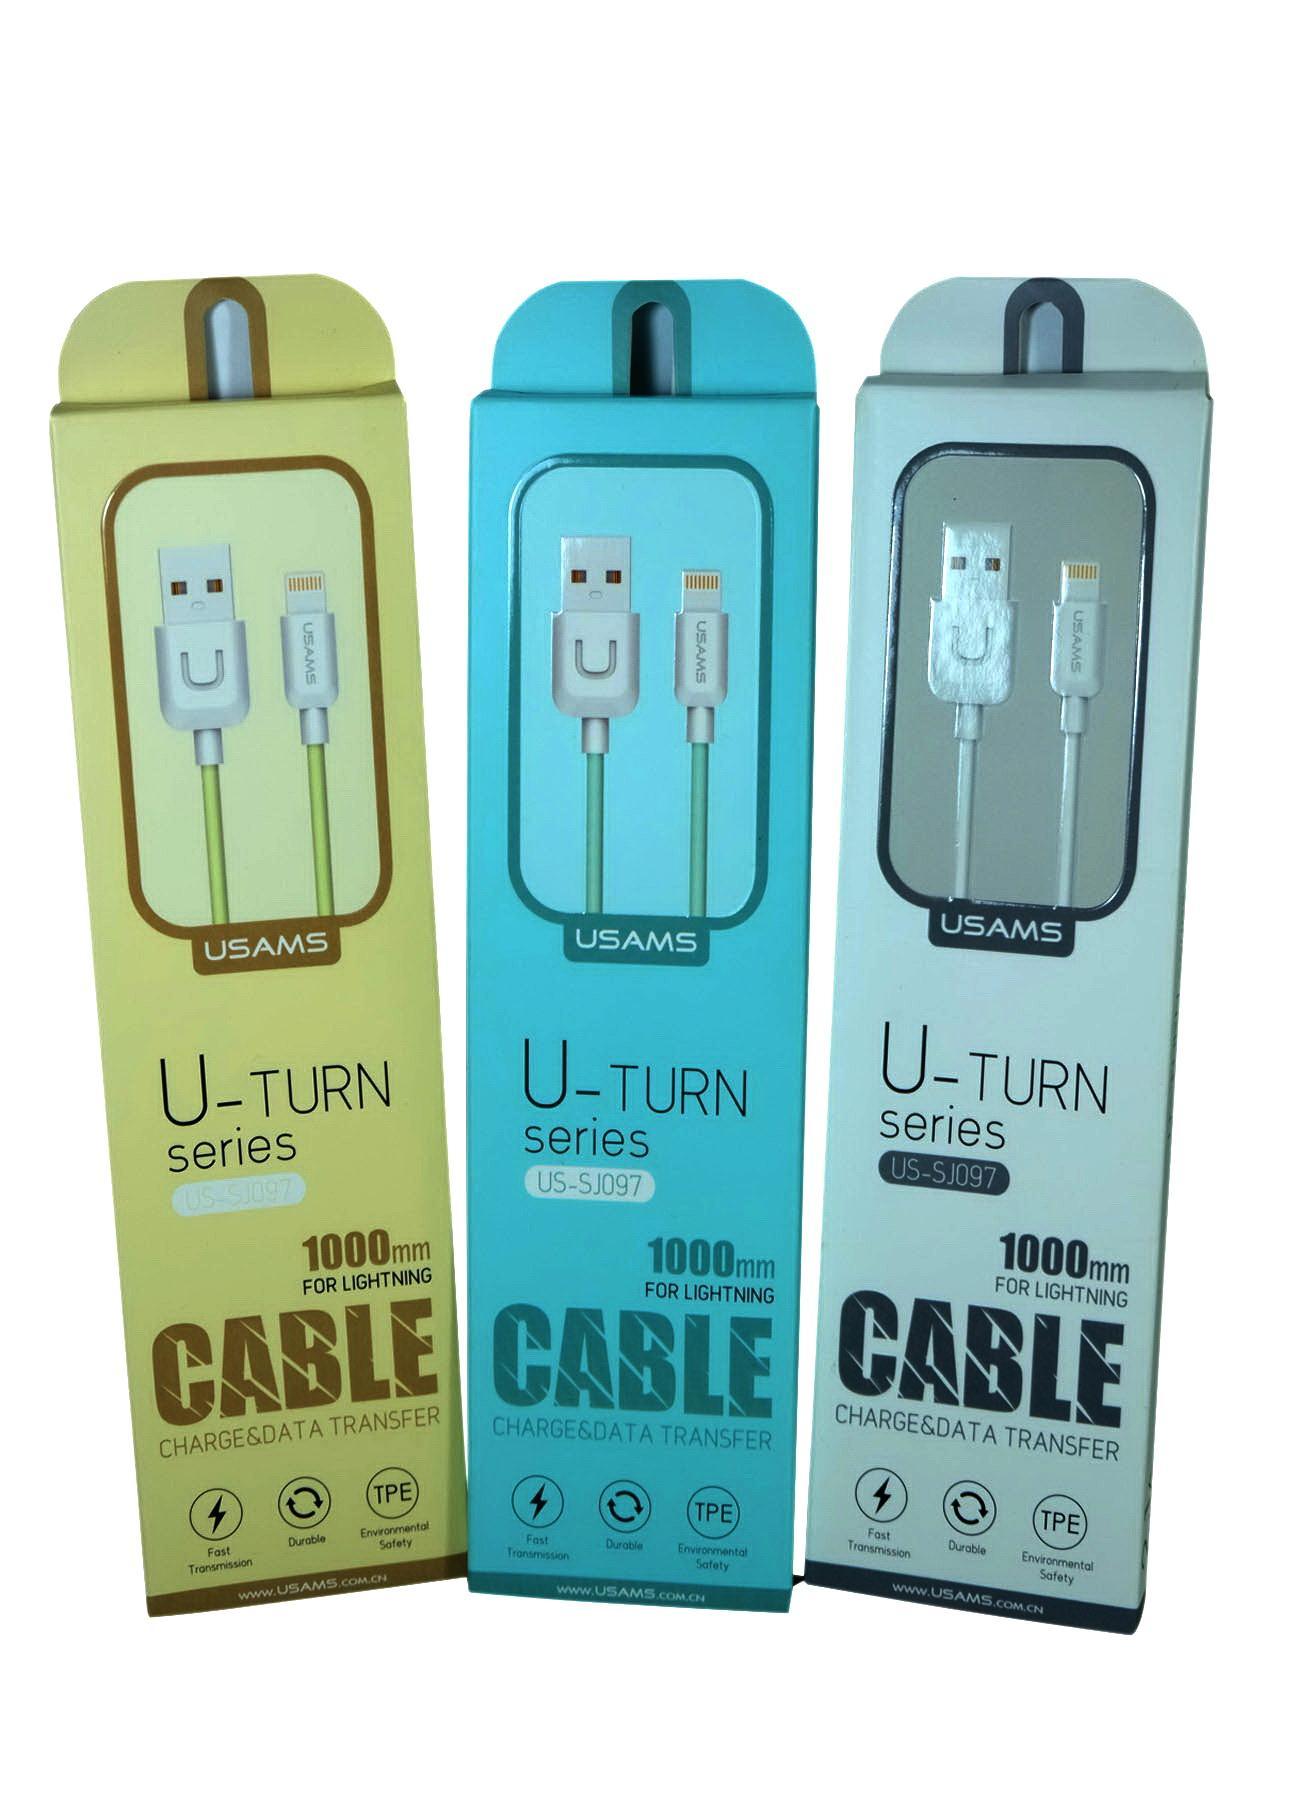 Kabel iPhone 5,6,7, 7 Plus dan 8 Plus Compatible semua iPhone